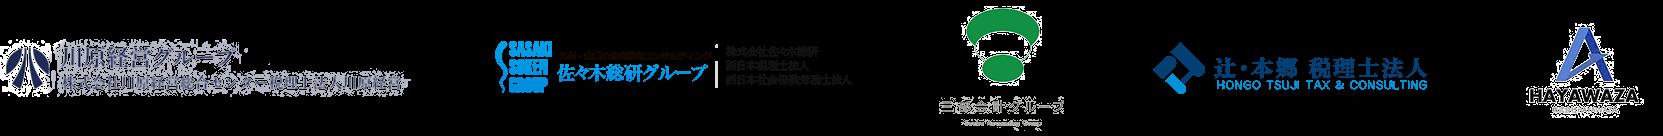 導入実績 川原経営グループ